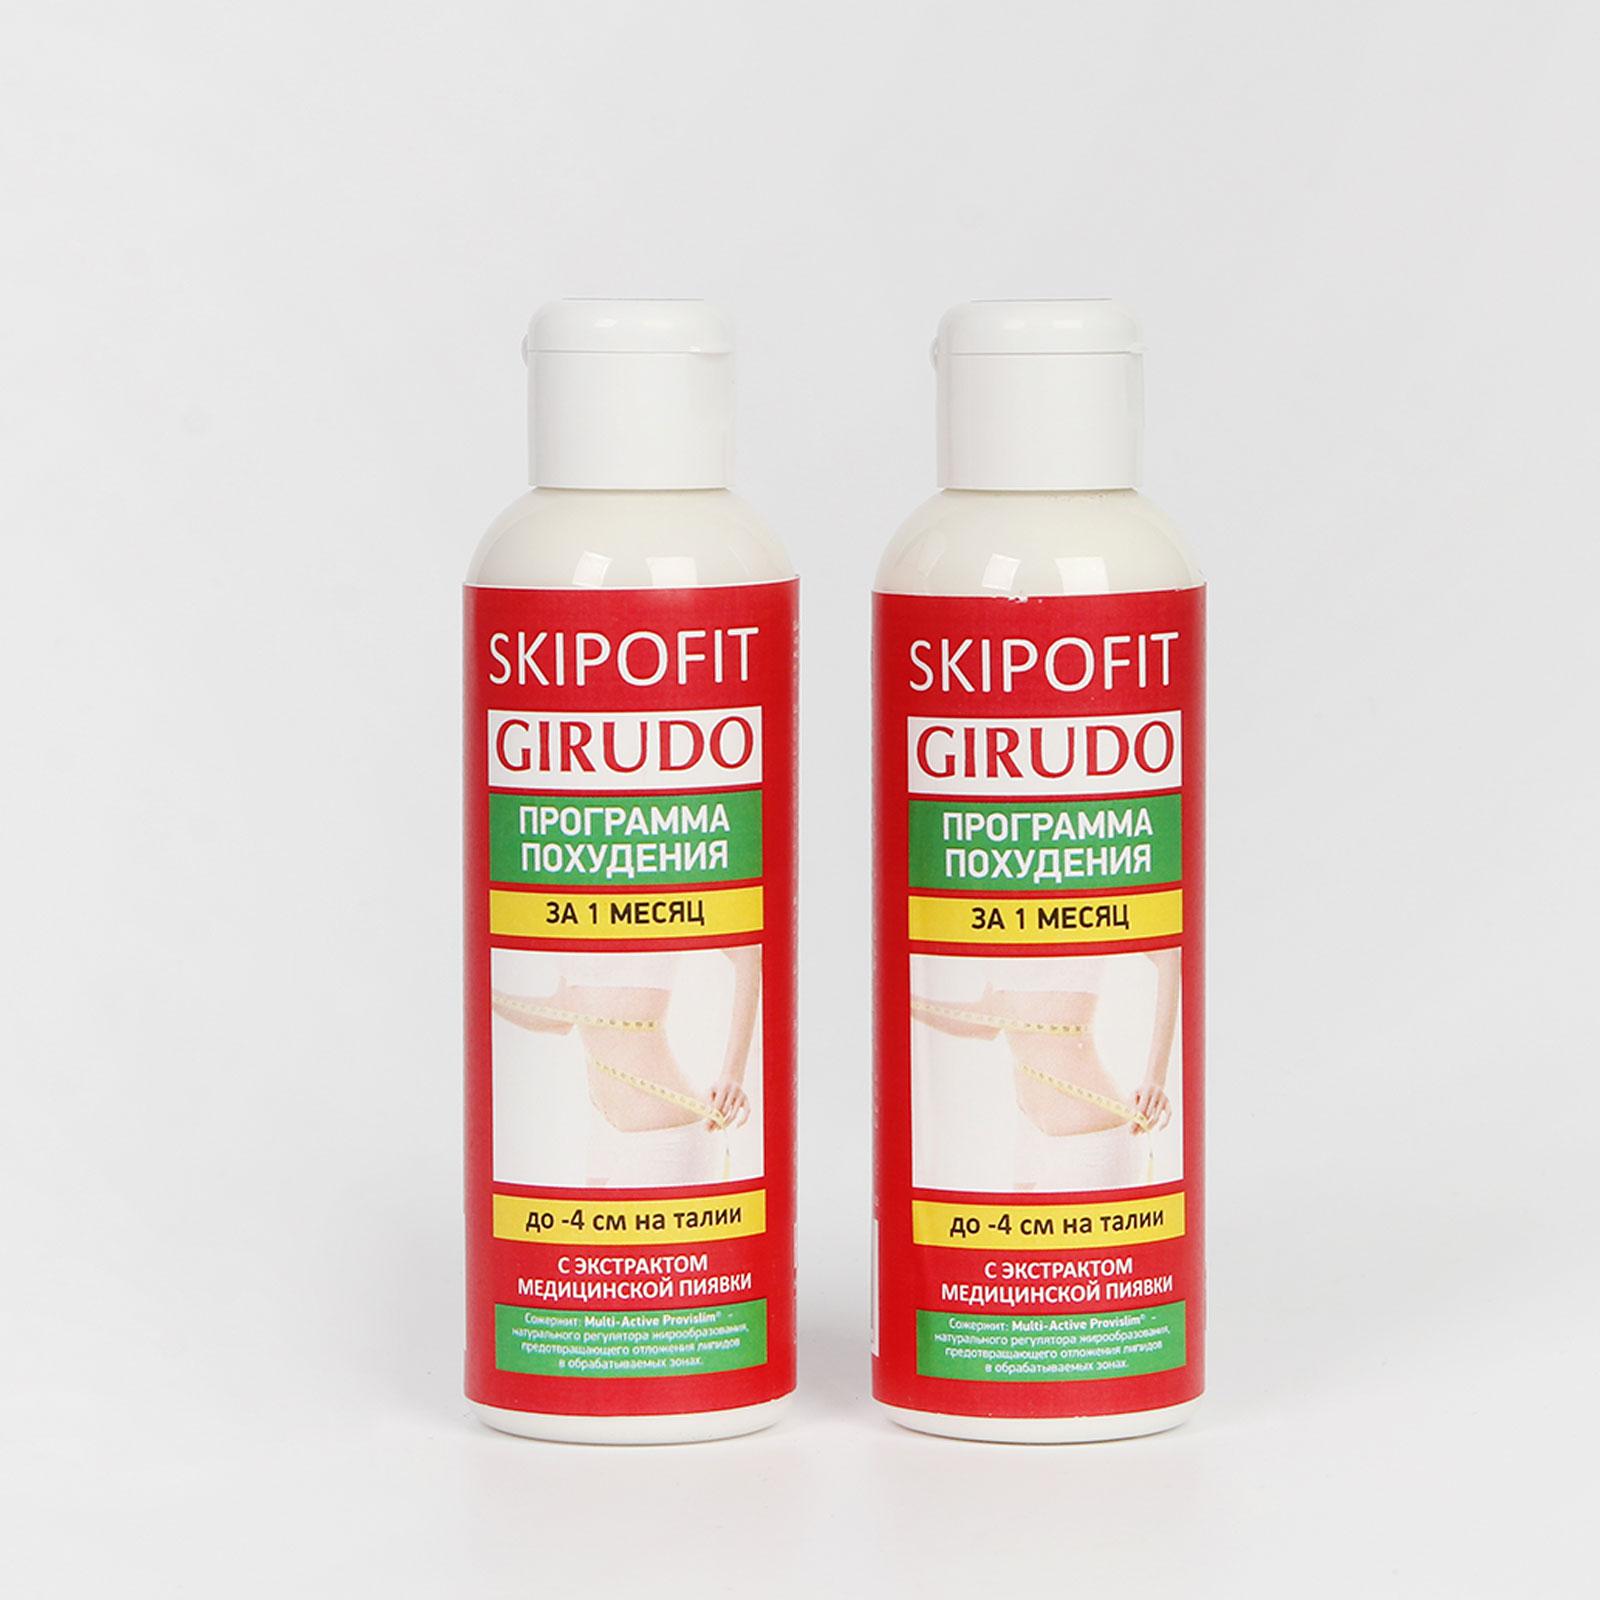 Программа похудения Гирудо, 2 шт.